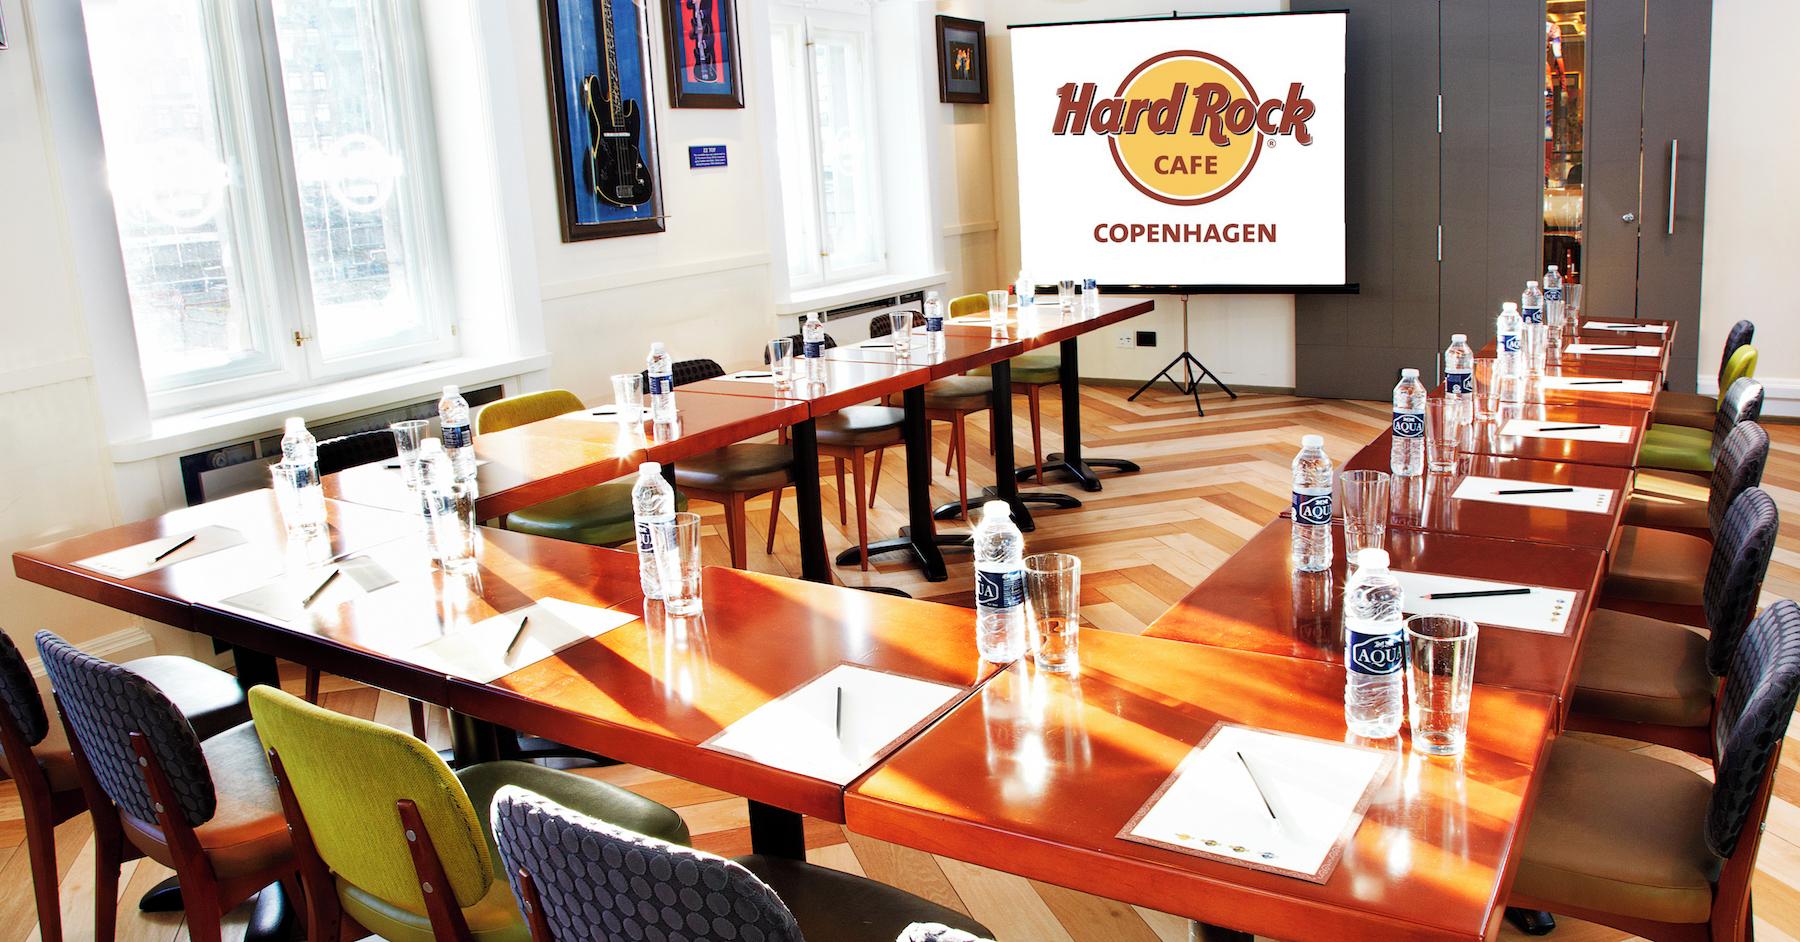 Frankfurt cafe hard öffnungszeiten rock Hard Rock